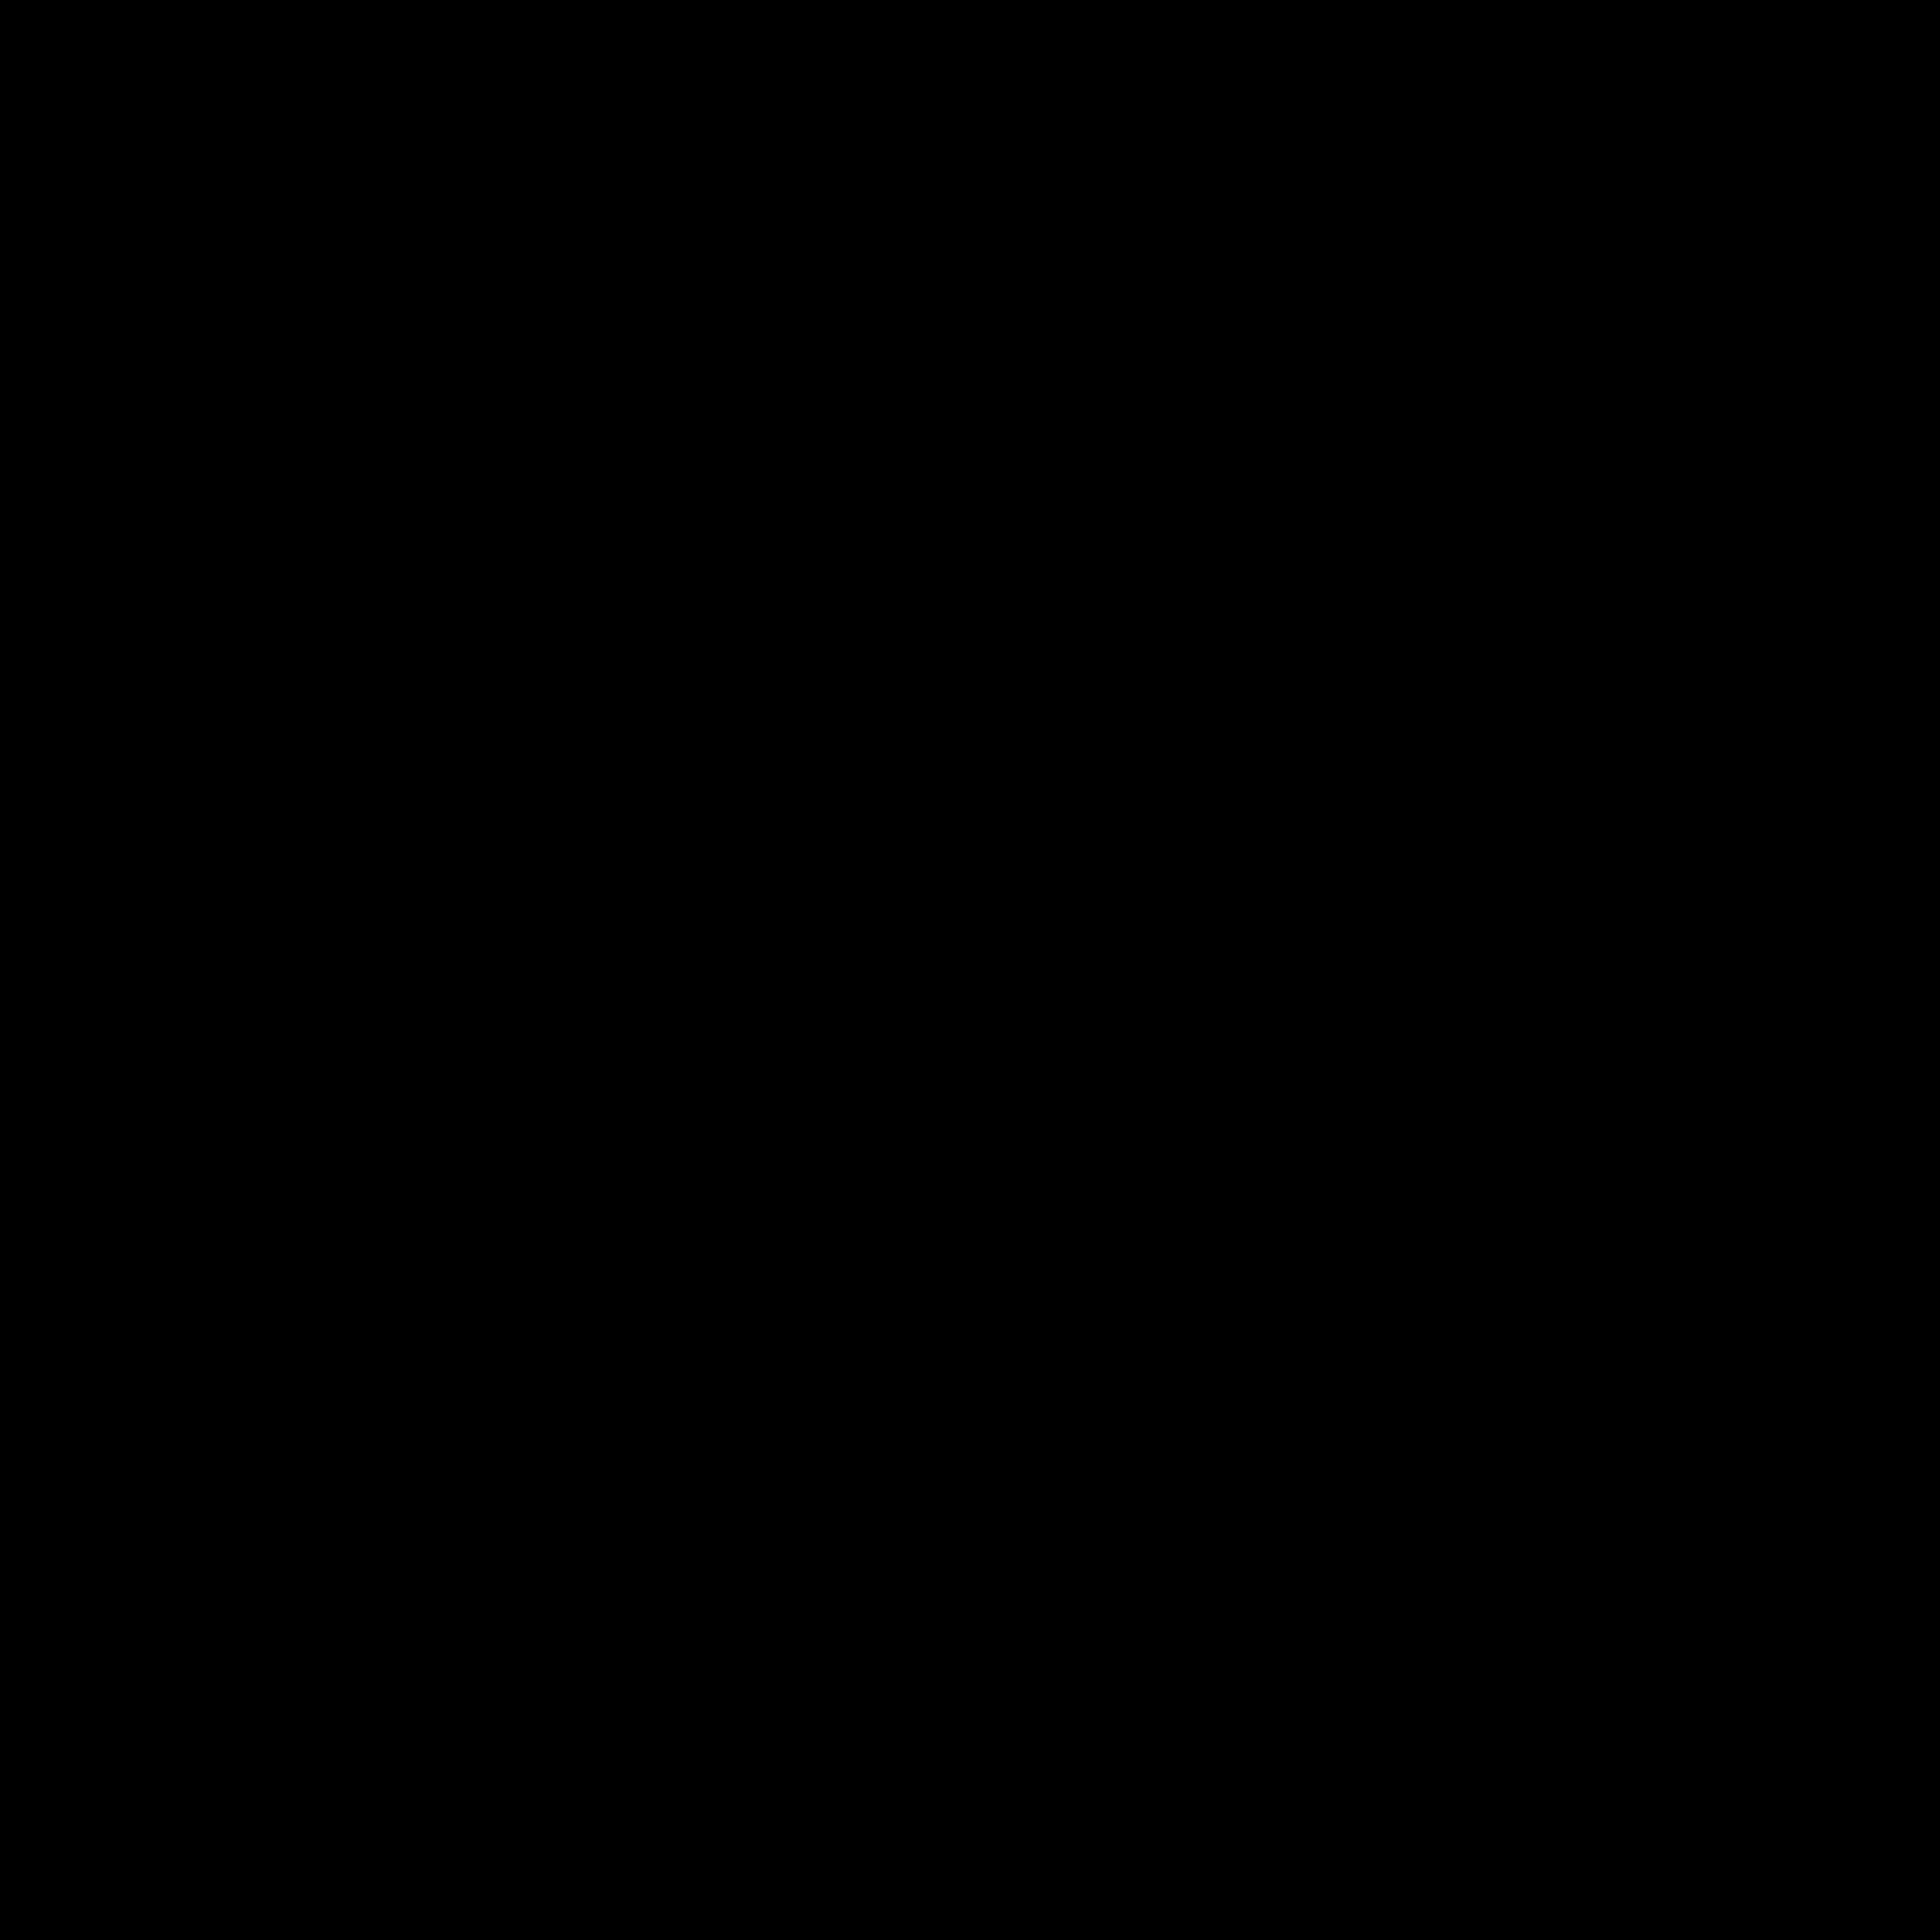 Logo-5f6cfd1e85020